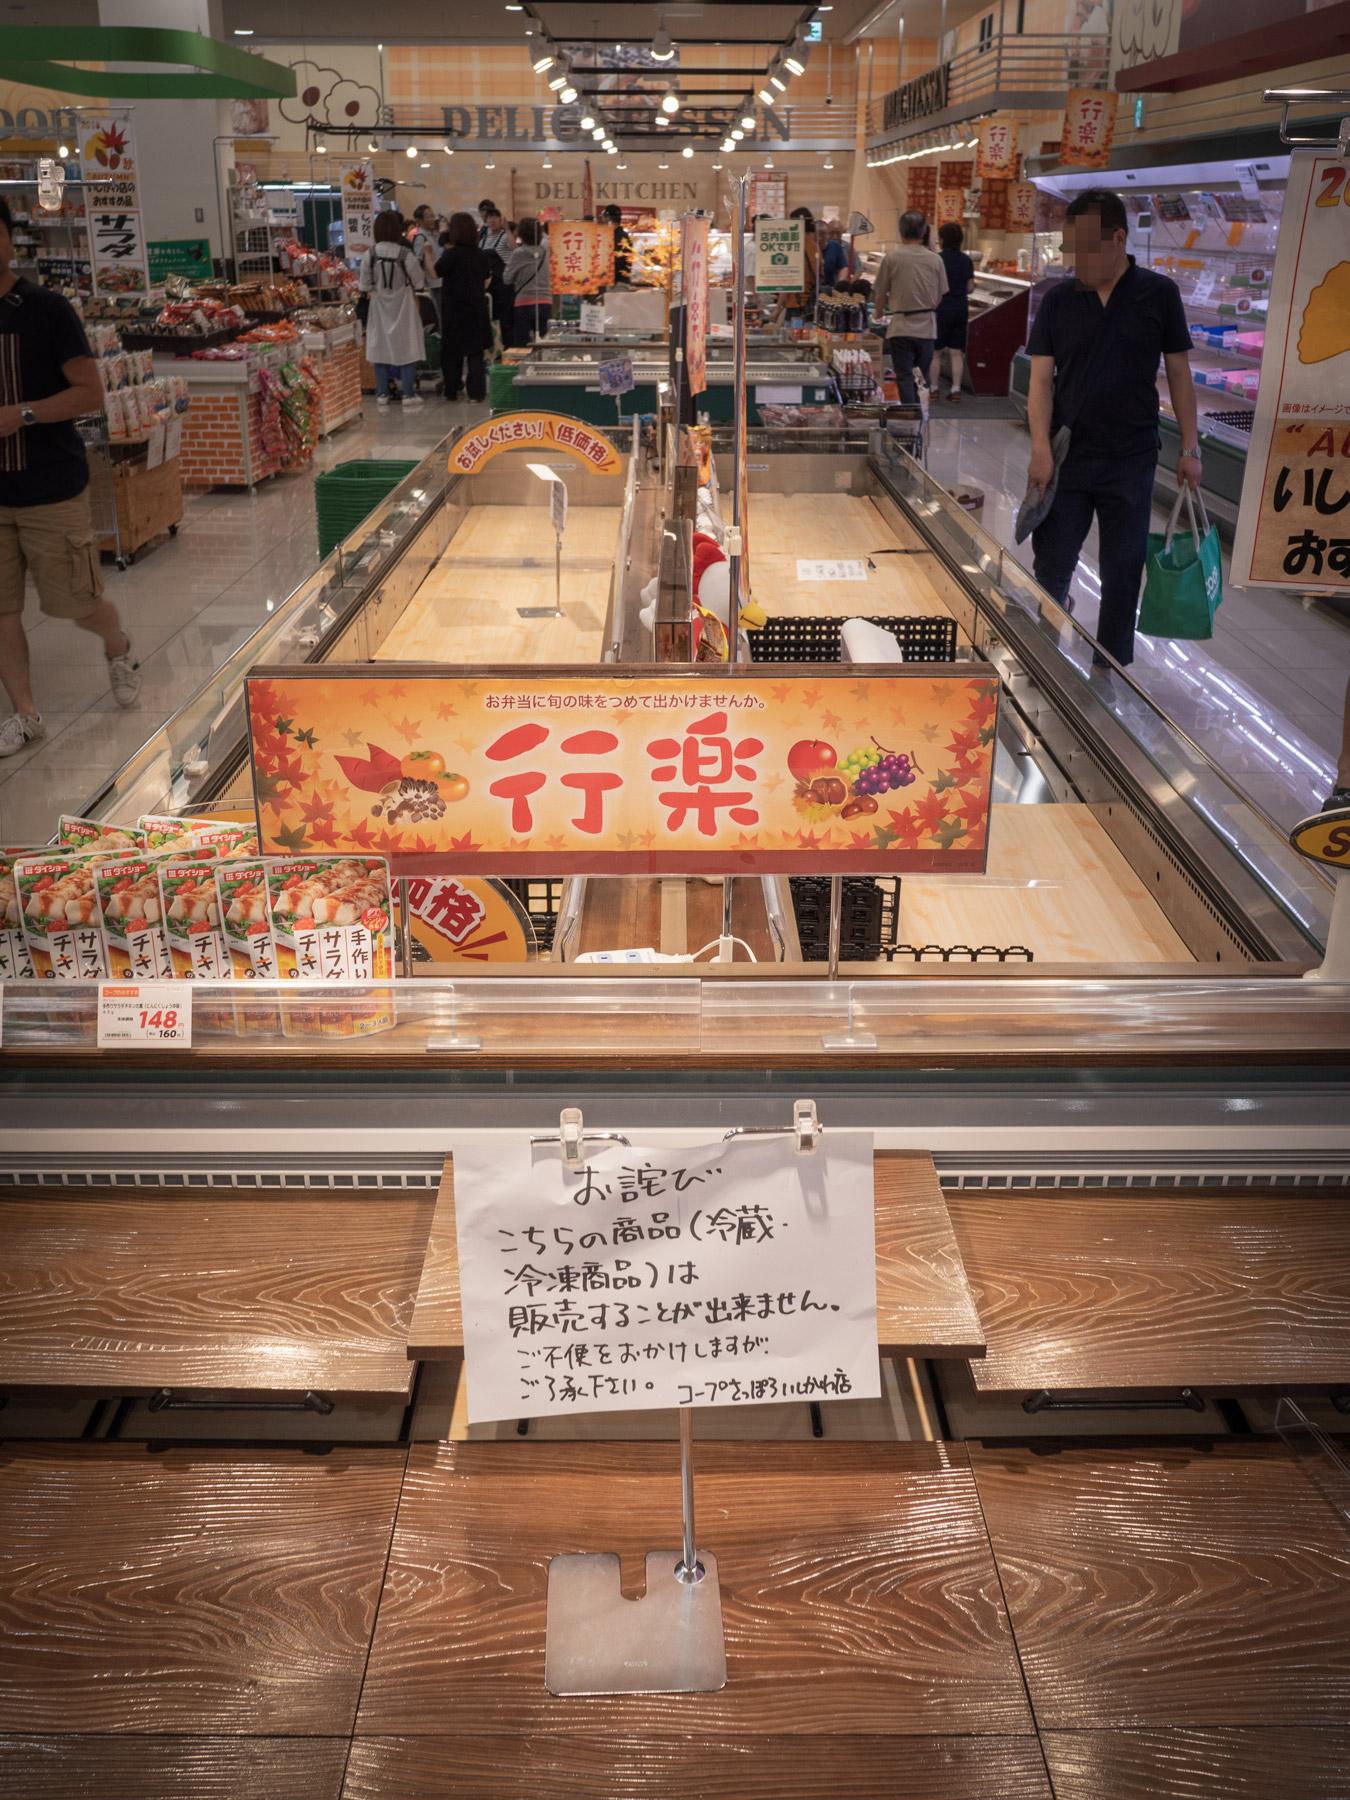 コープさっぽろ石川店 もぬけの殻の魚介類冷凍ケース